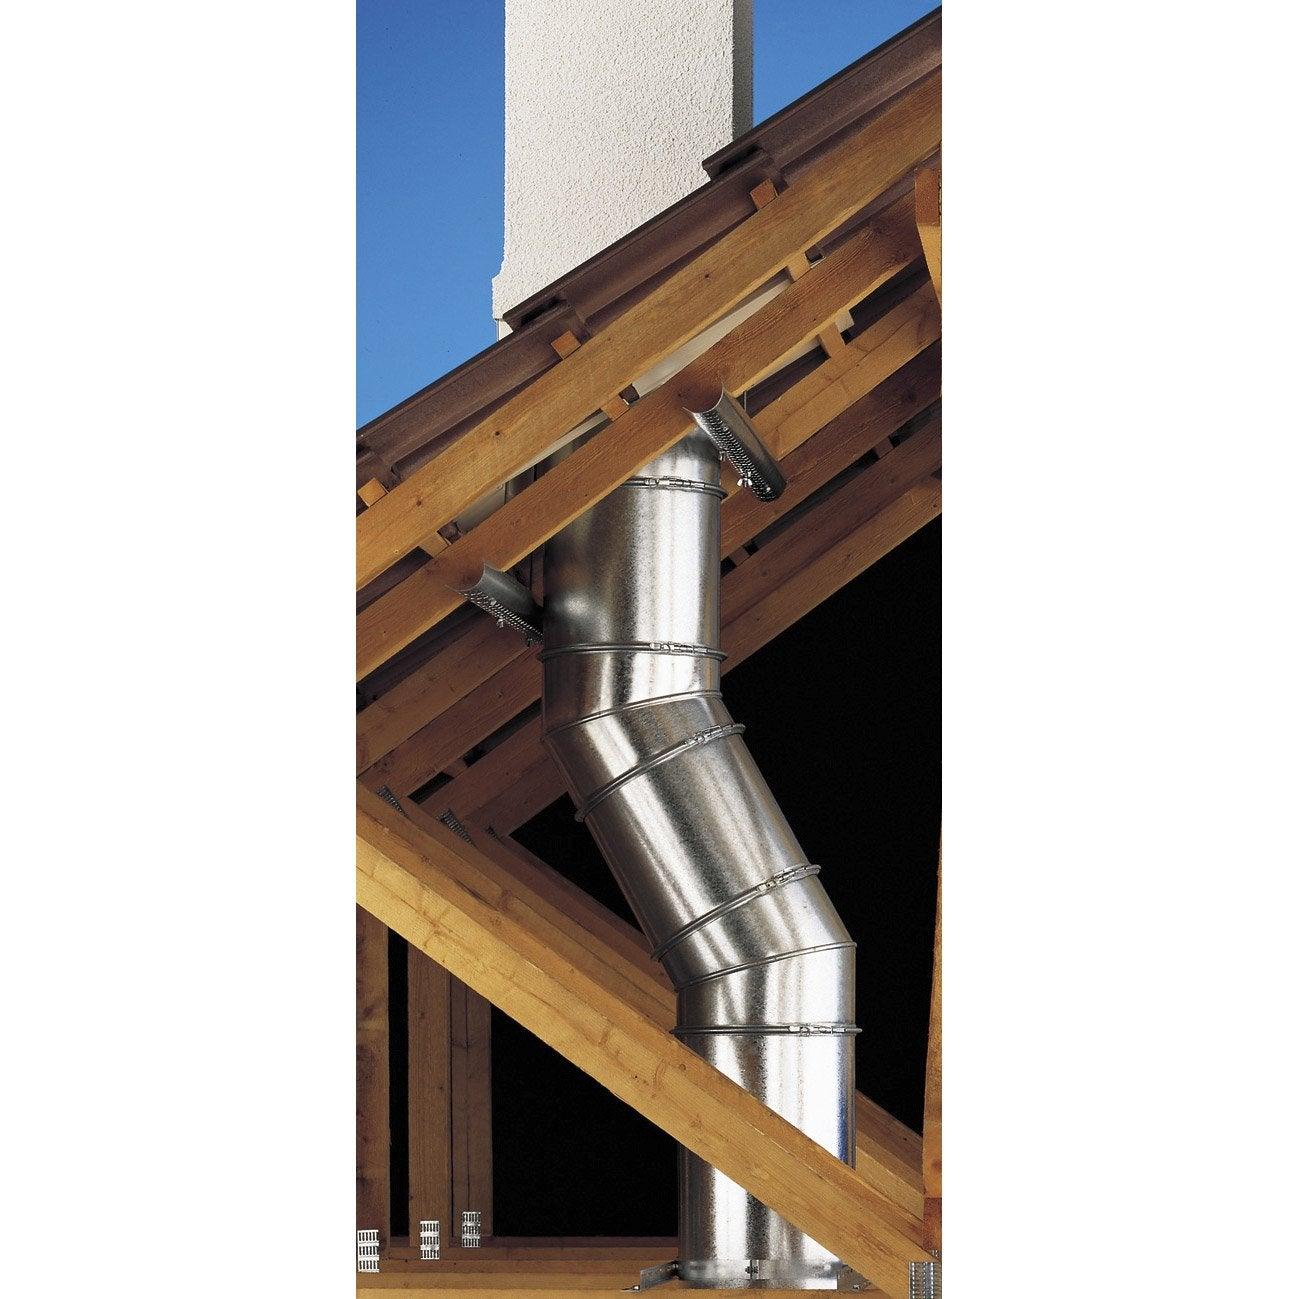 Tuyau pour conduit double paroi poujoulat d230 mm m for Conduit cheminee exterieur poujoulat